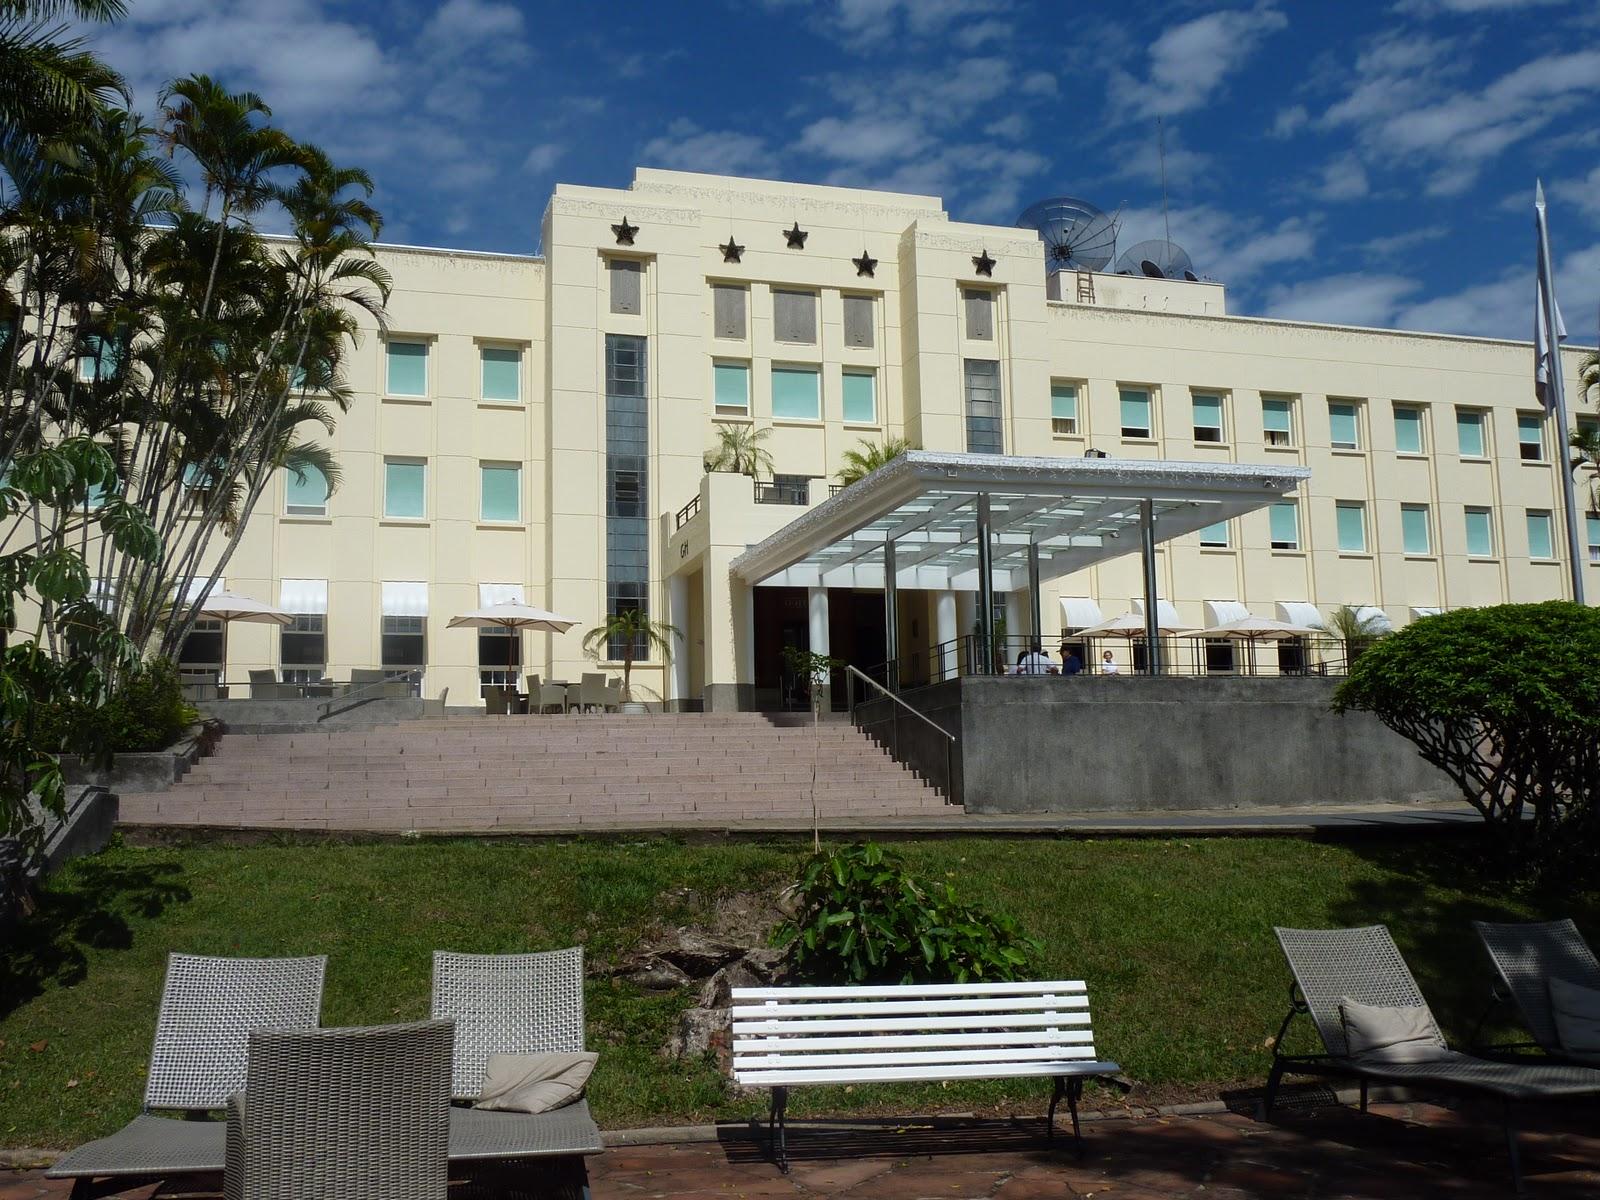 FOTO 2 HOTEL AGUAS DE SÃO PEDRO